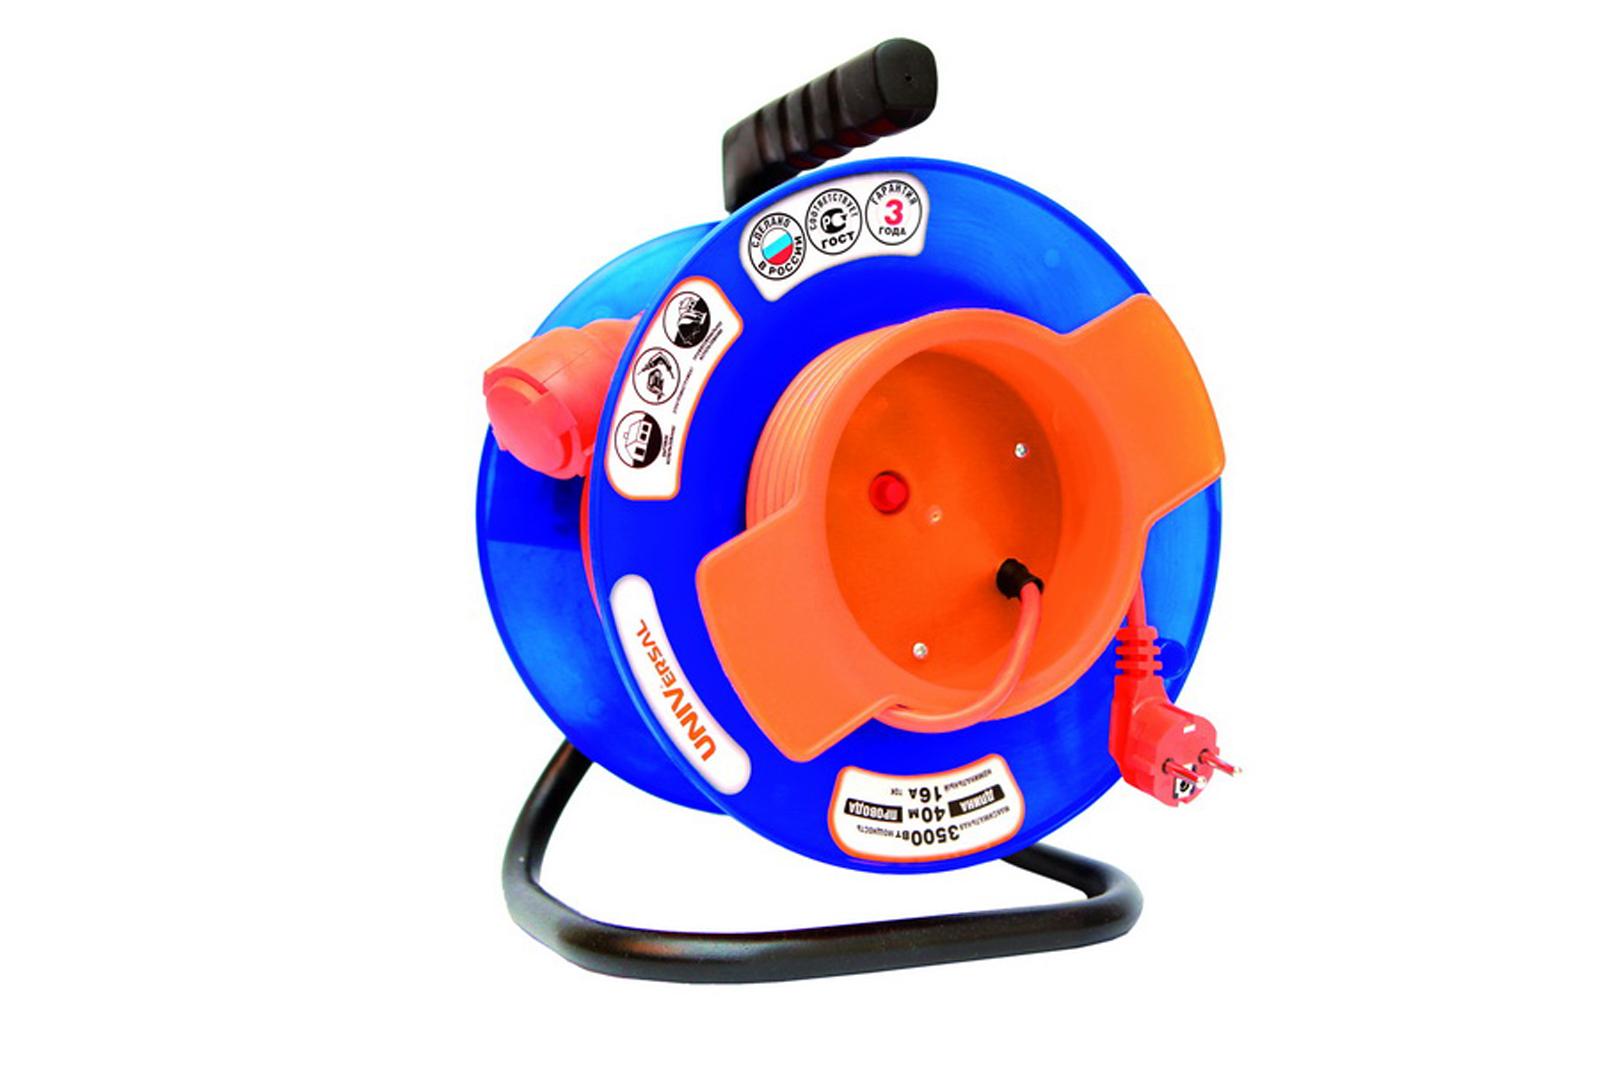 Удлинитель Universal У10-027 термо ПВС 3*1 1гнездо 30м